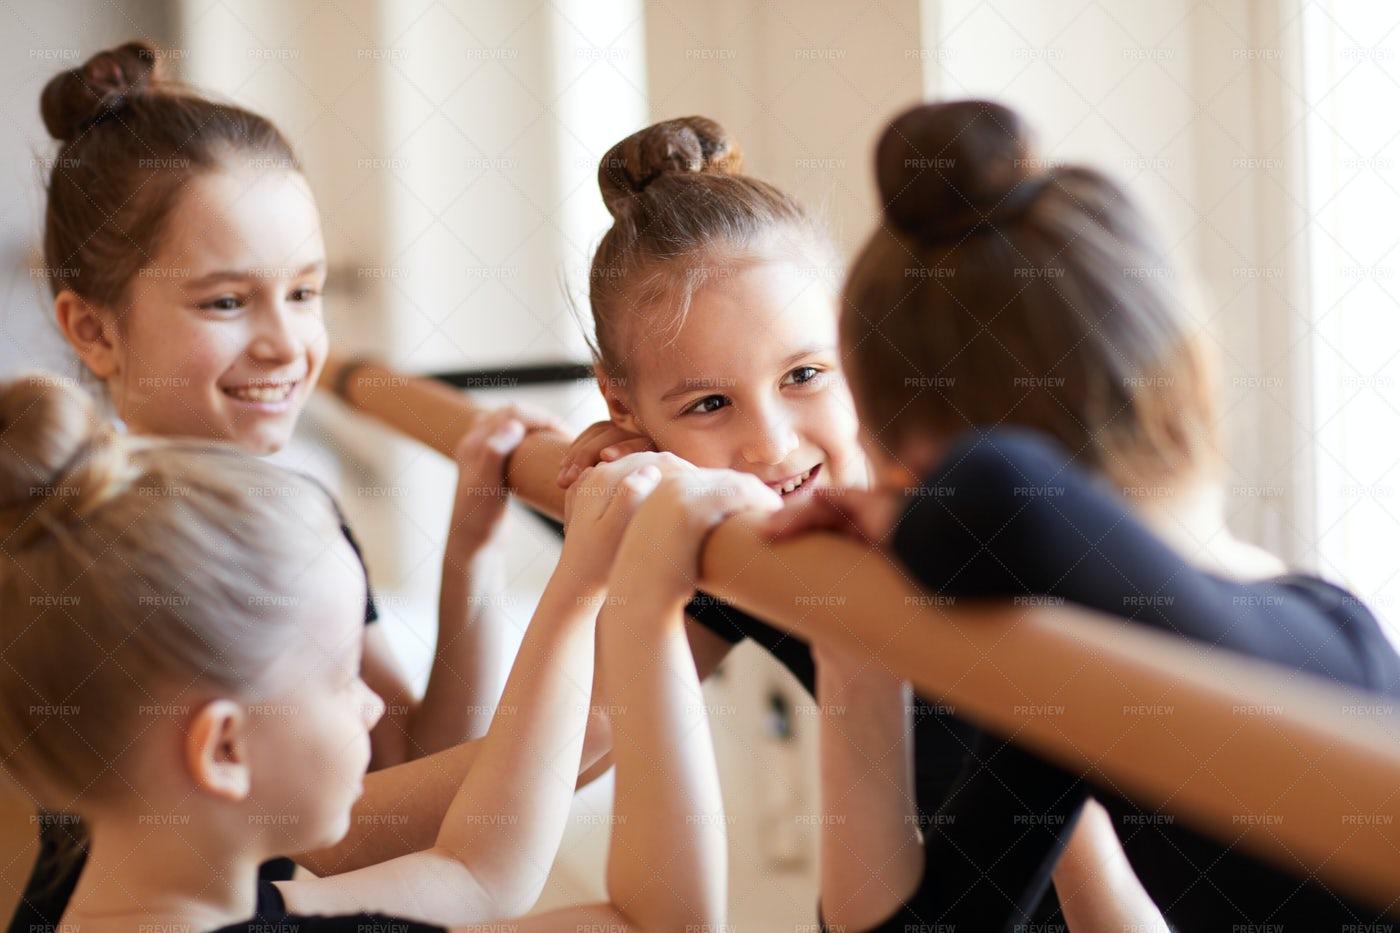 Little Girls In Ballet Class: Stock Photos